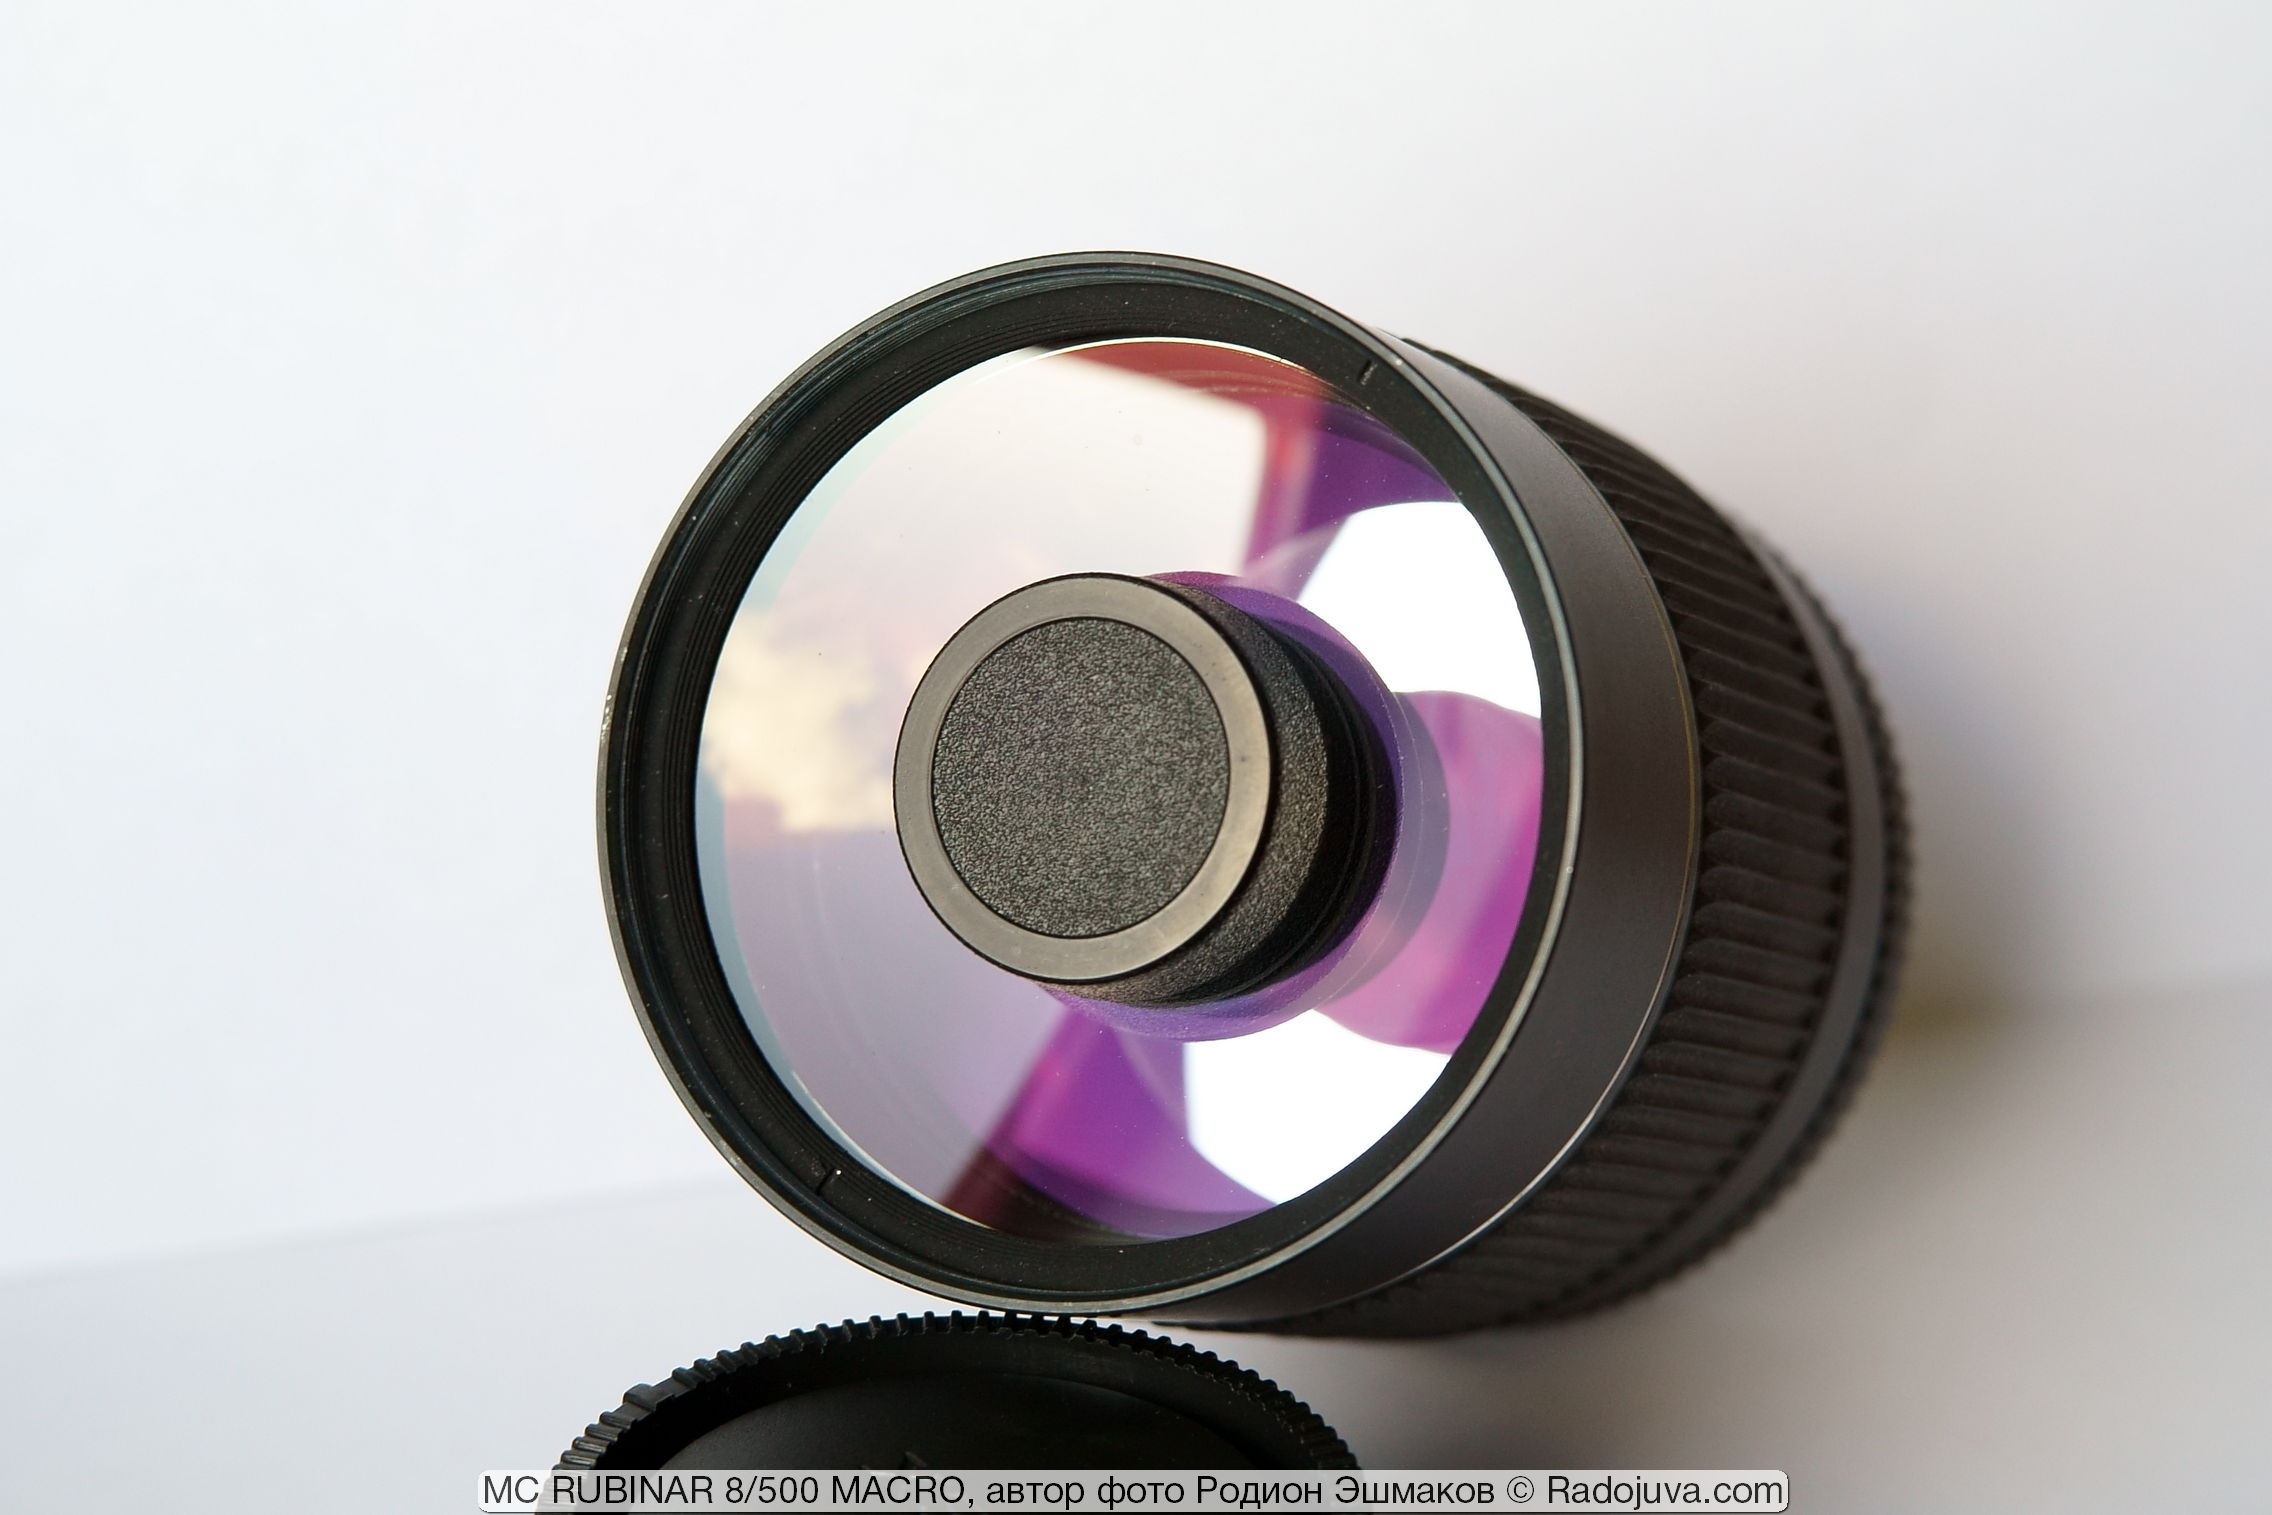 Передний мениск и пробка вторичного зеркала Рубинар 500/8.